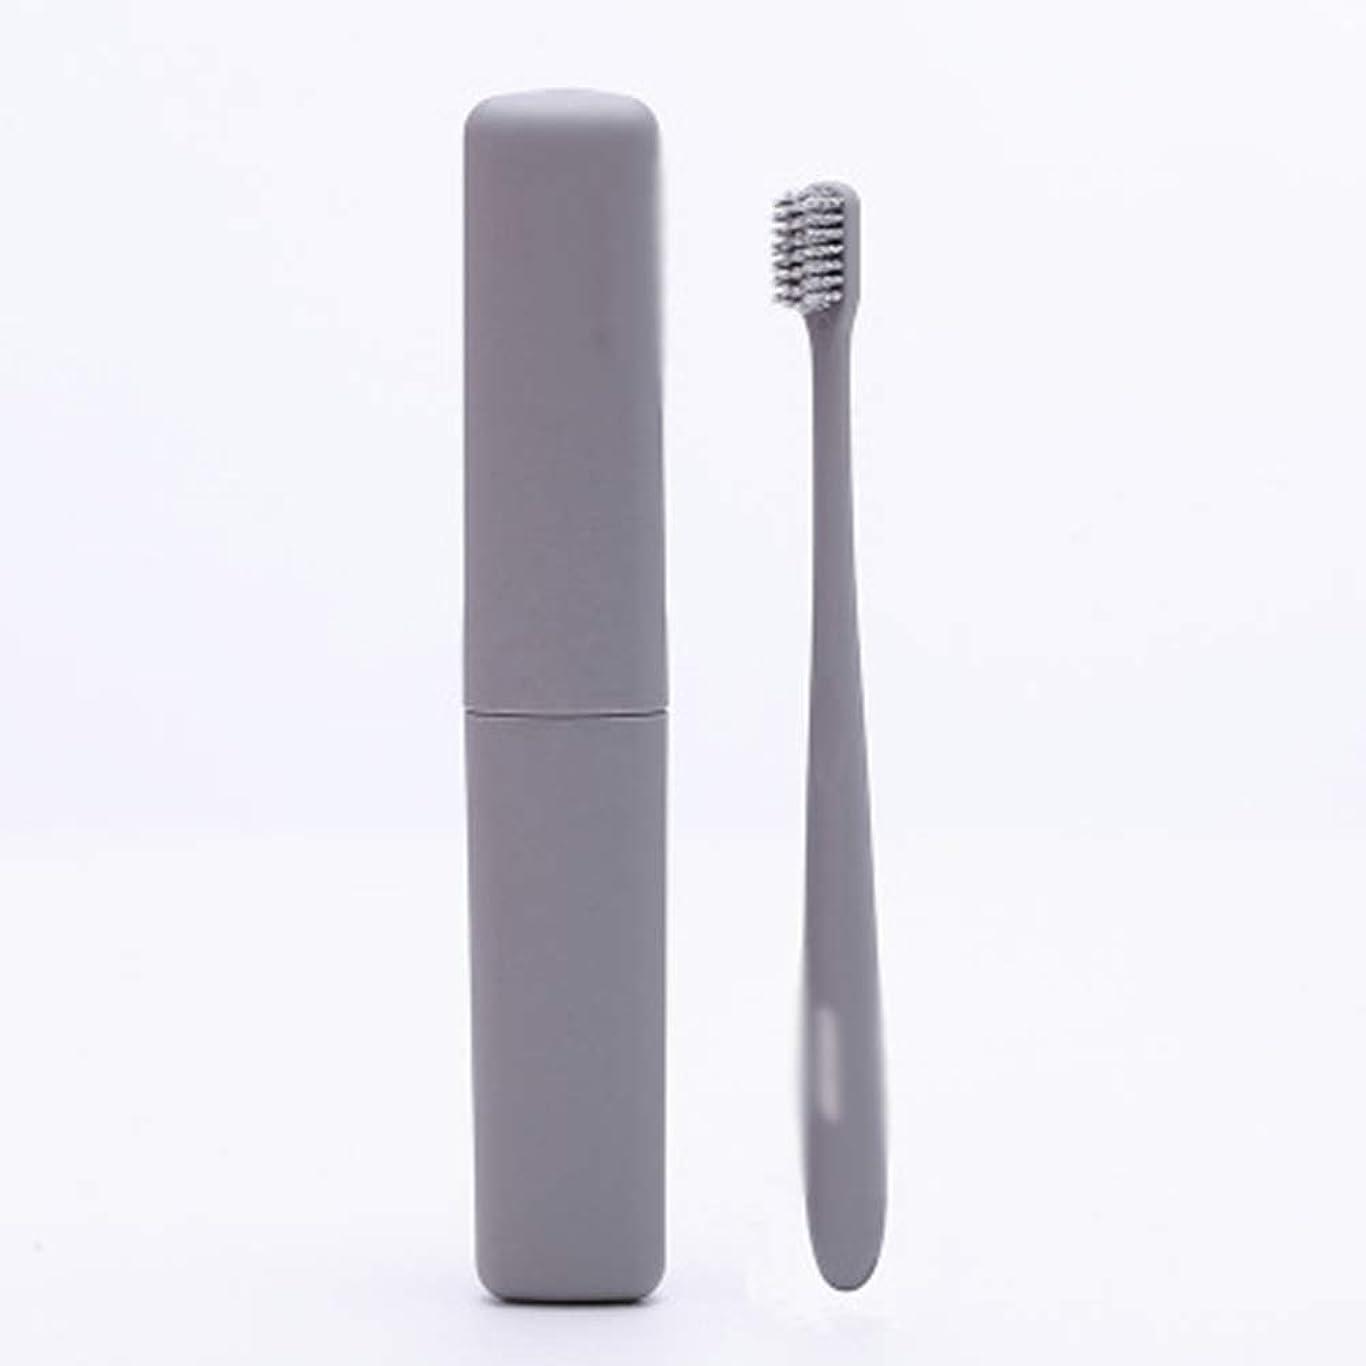 確執異邦人伝統新しい特別に柔らかい密集した剛毛の歯ブラシ、歯肉炎および敏感な歯のための最もよい生物分解性の歯ブラシ,C